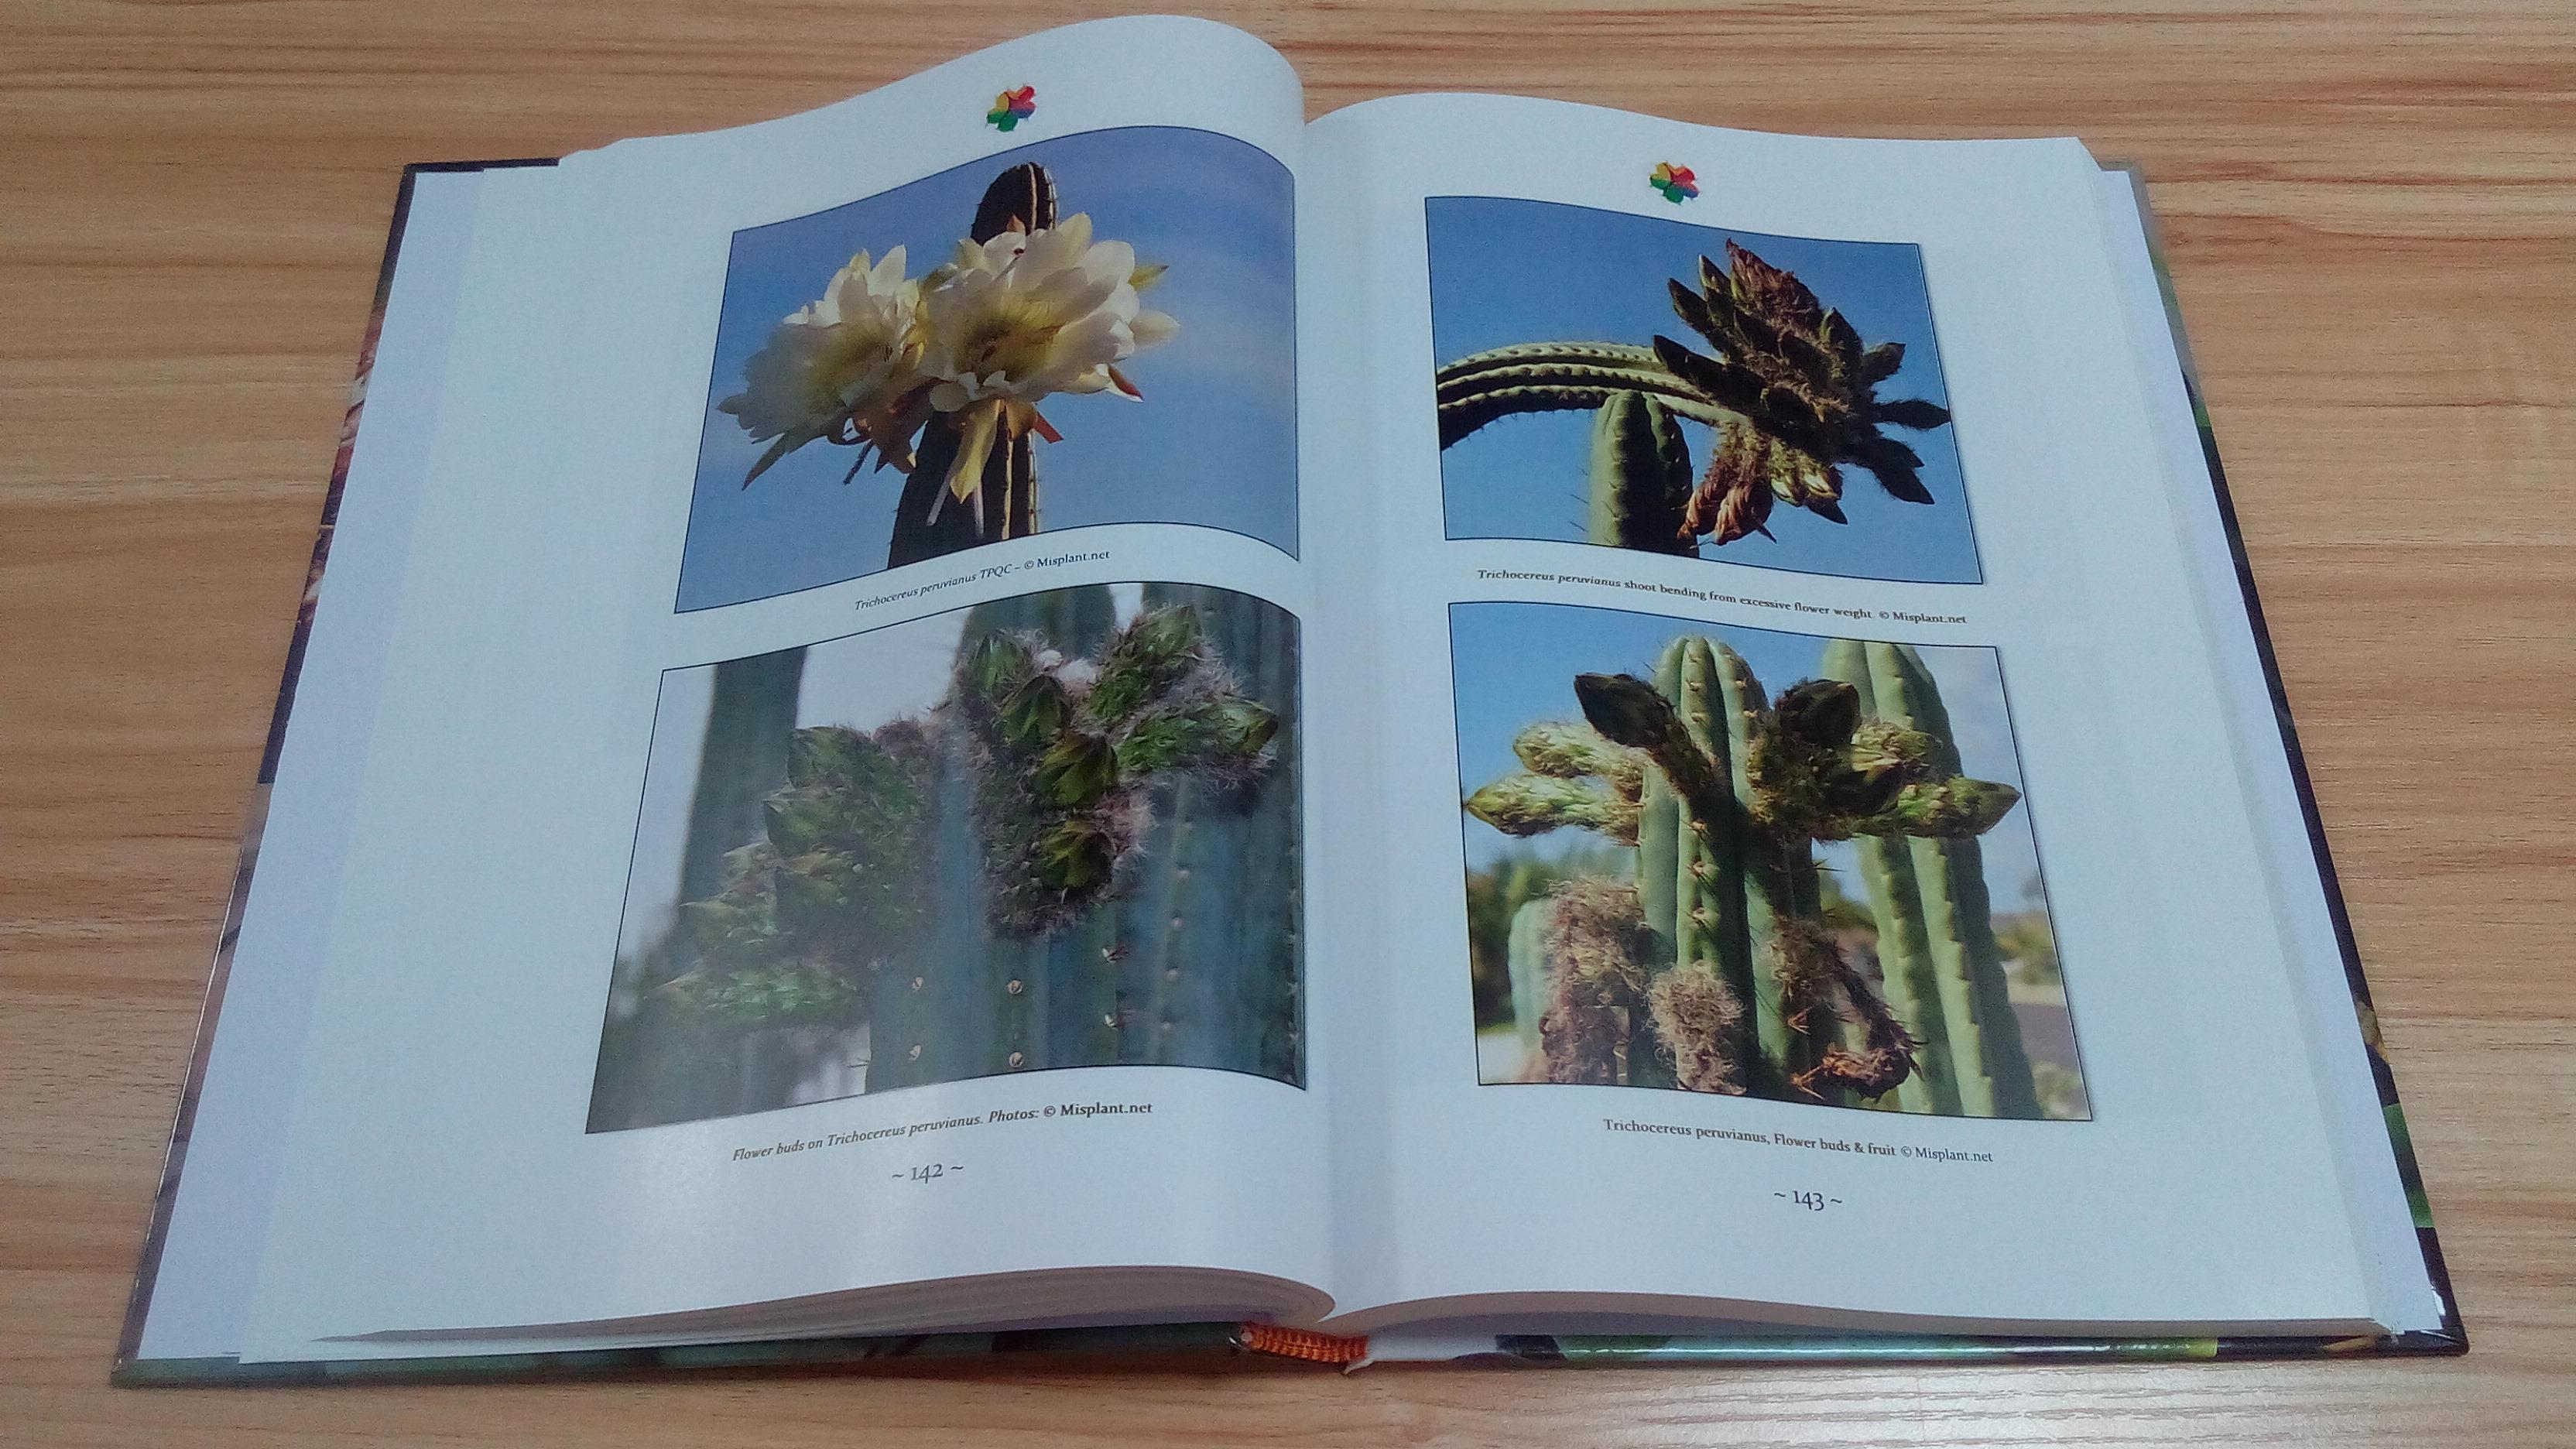 Trichocereus book Volume 1 Echinopsis cactus book 8